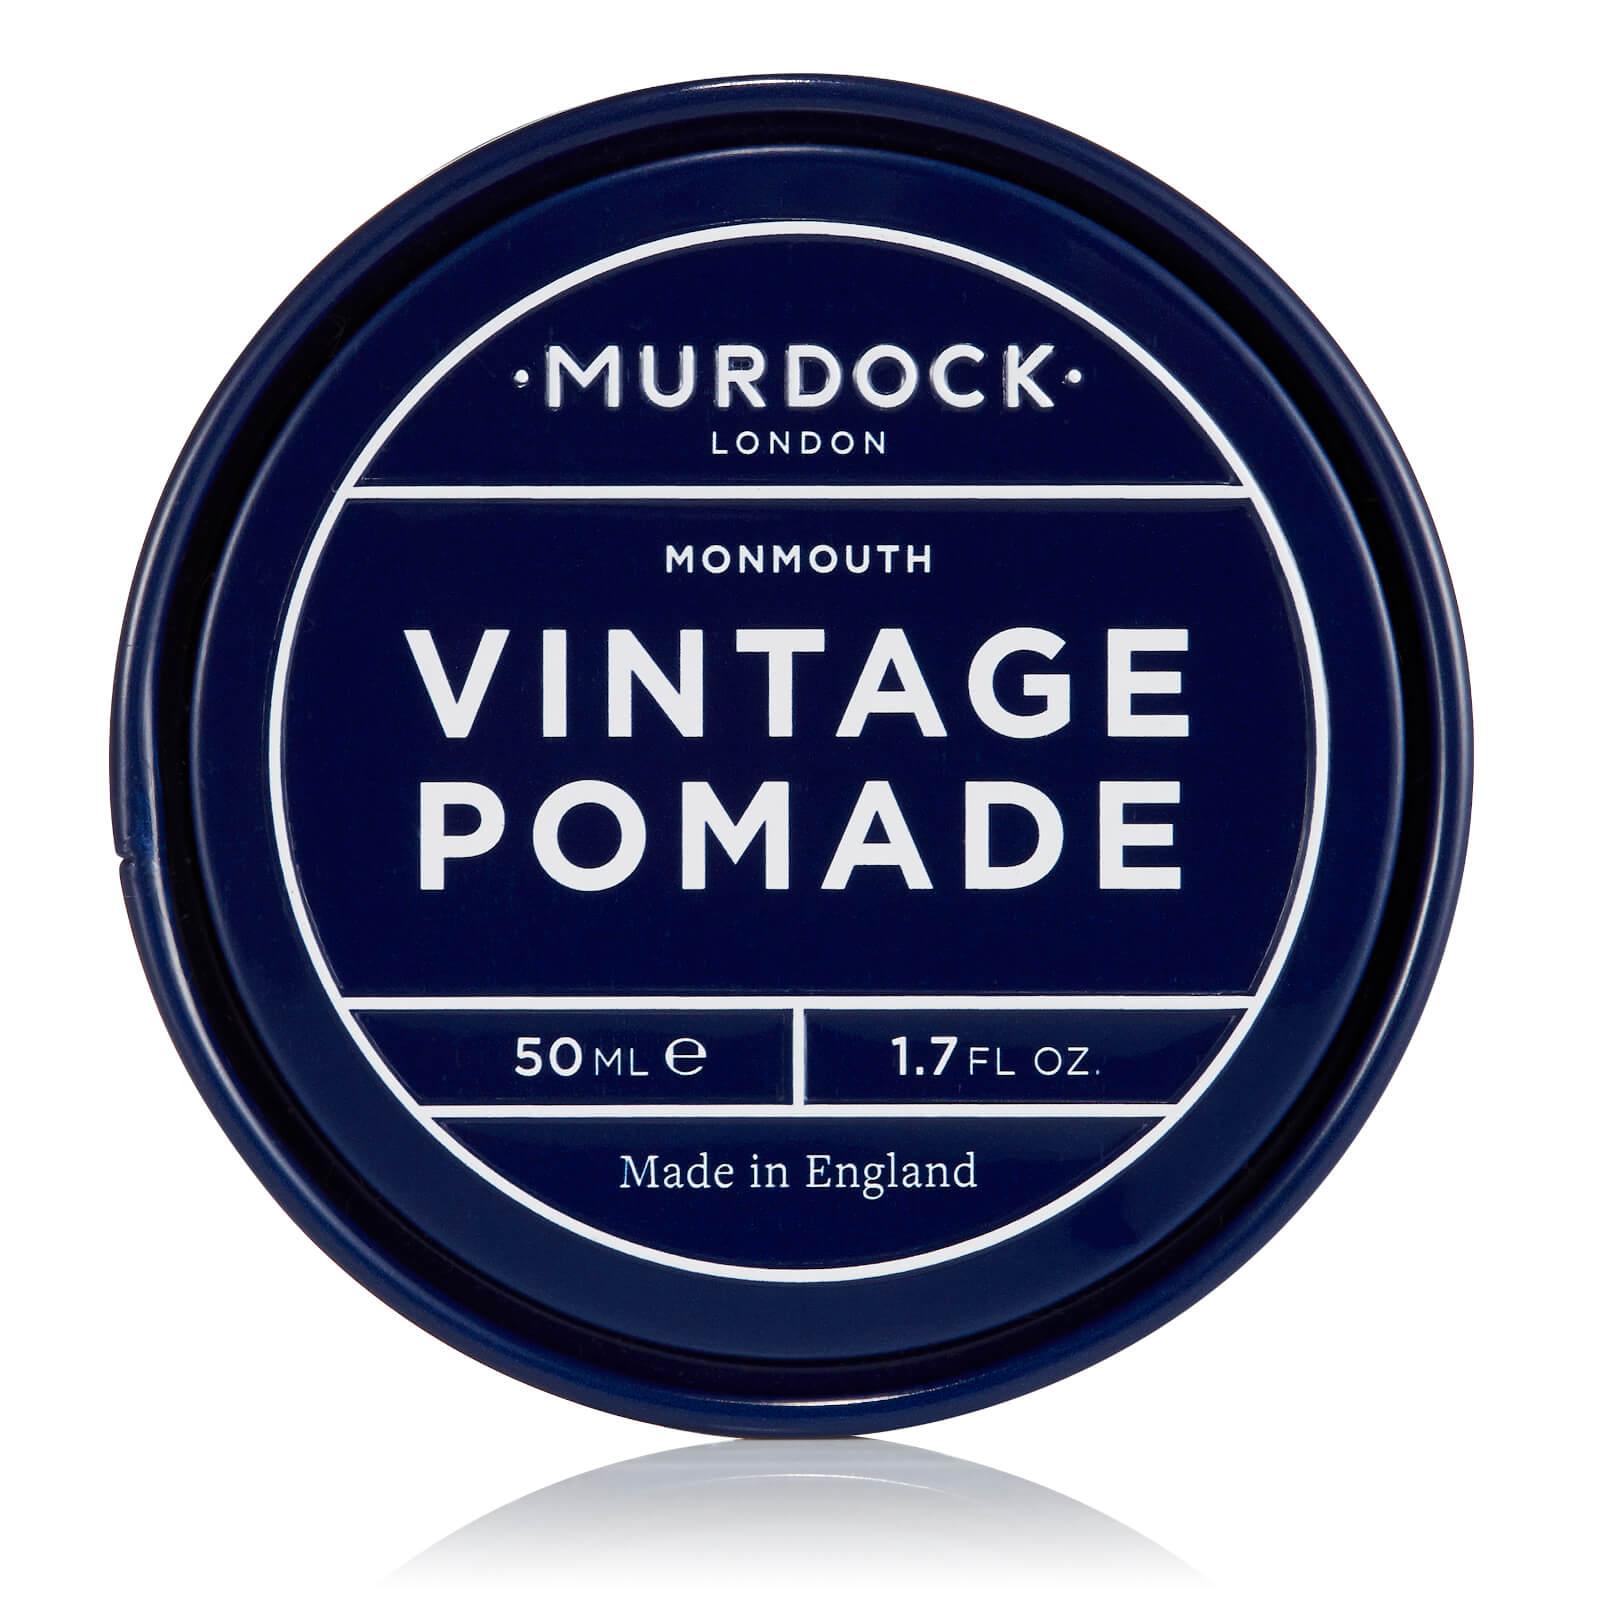 Murdock London Pommade Vintage Murdock London 50ml